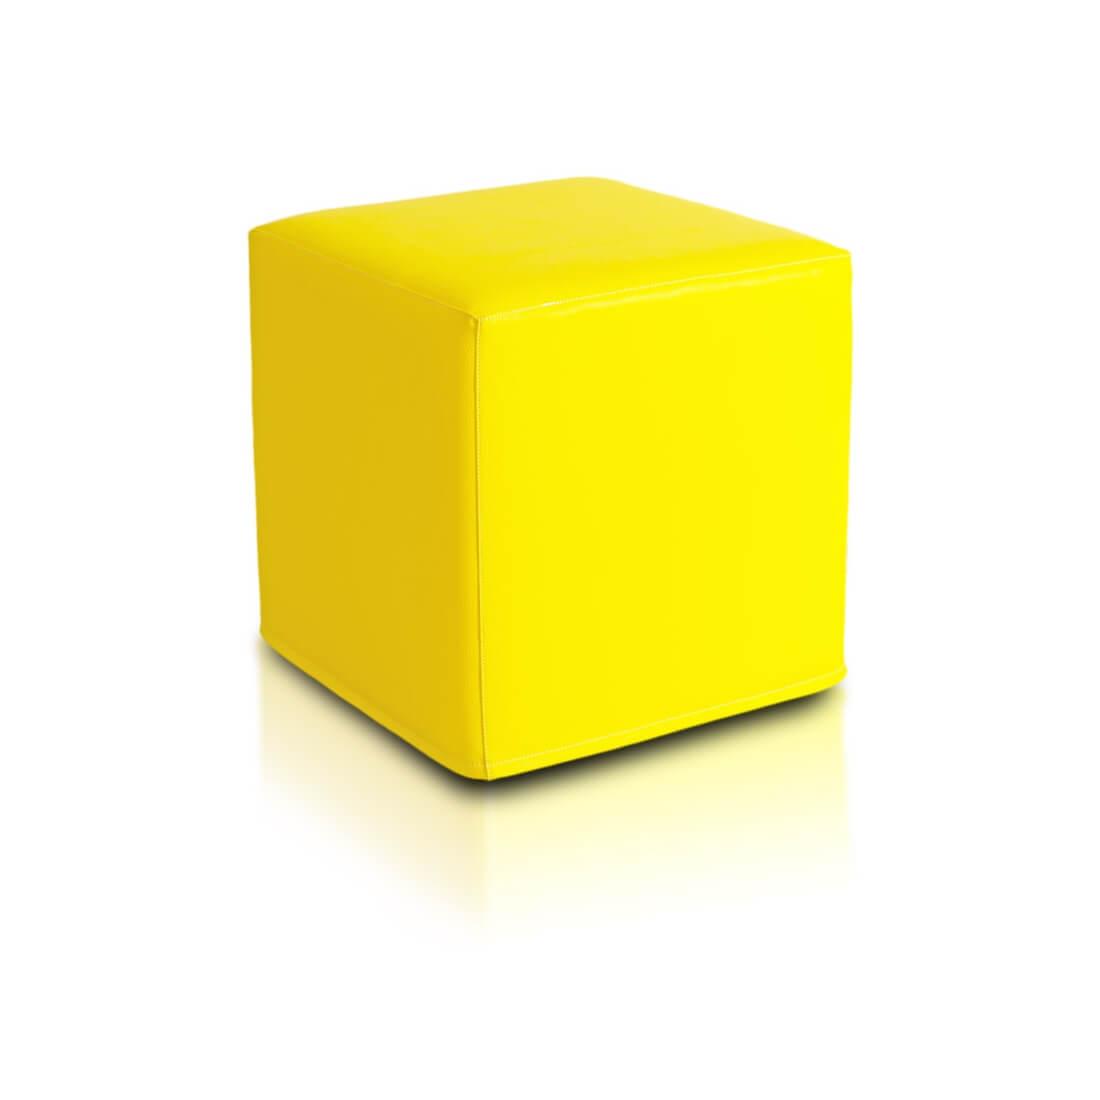 Kostka 40x40 cm citronova